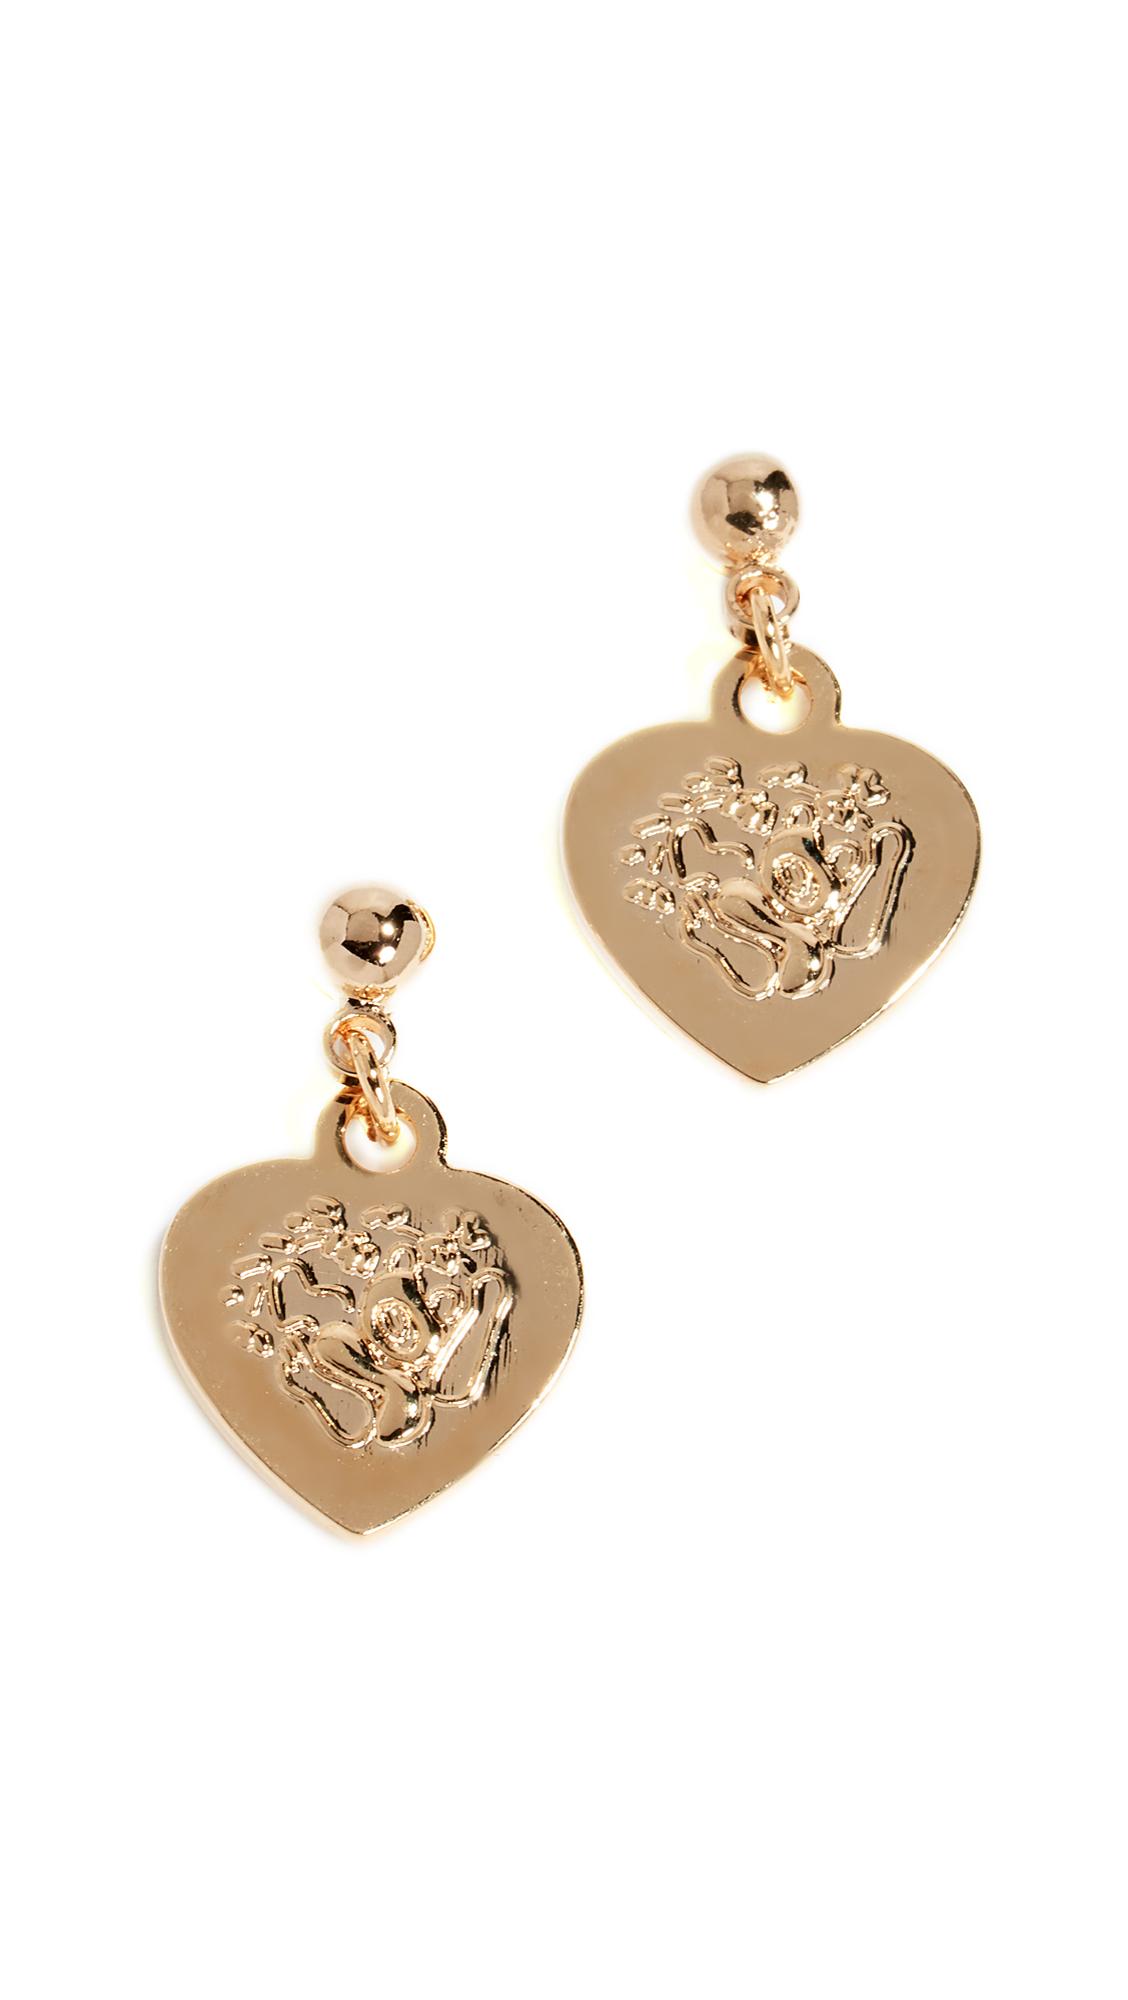 CLOVERPOST Portal Earrings in Gold